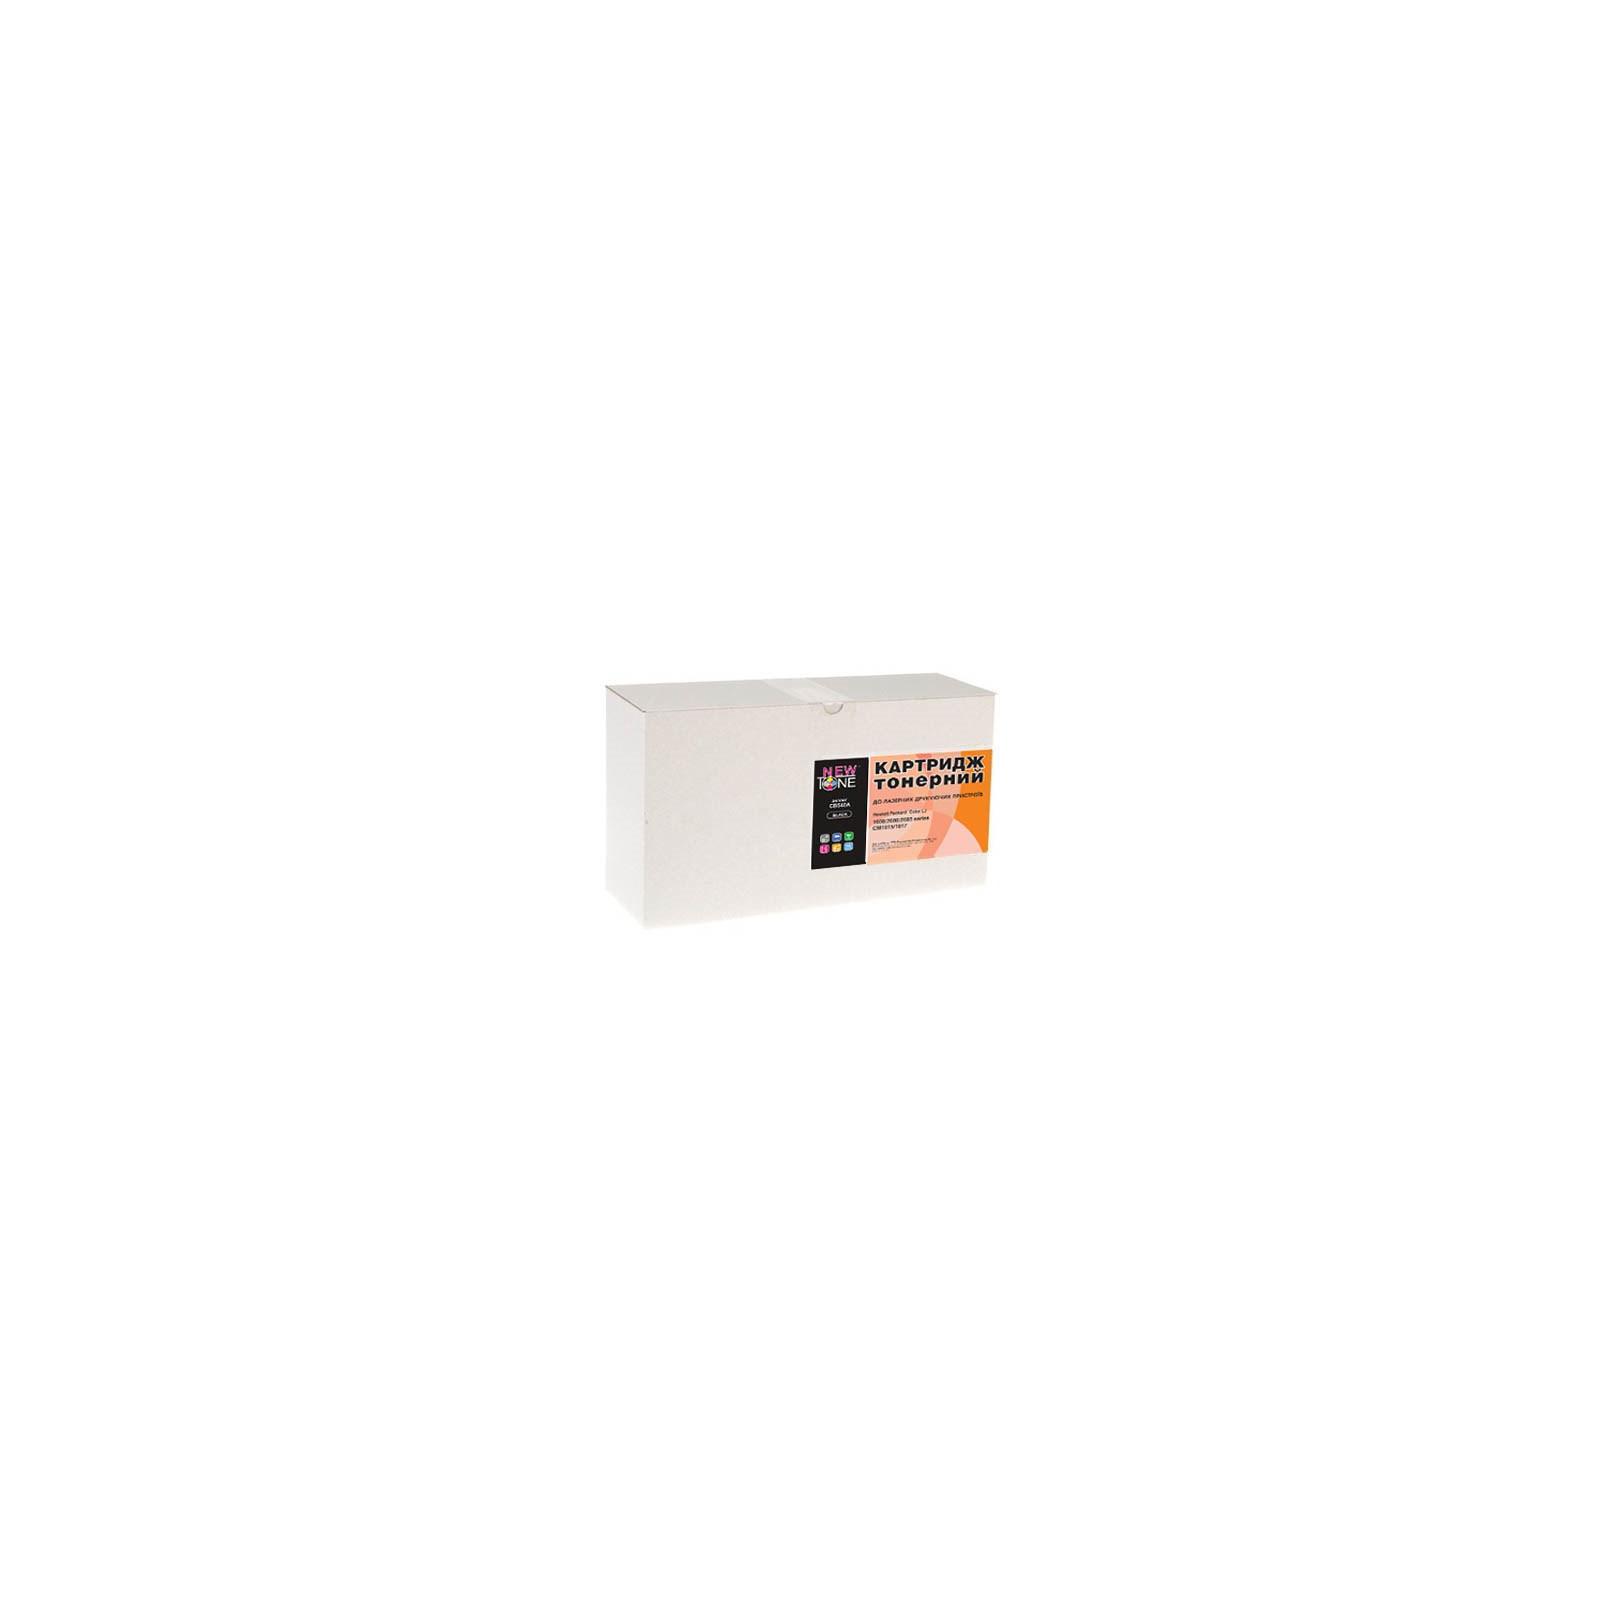 Картридж NewTone для HP CLJ 1600/2600 Black (Q6000A-NT)